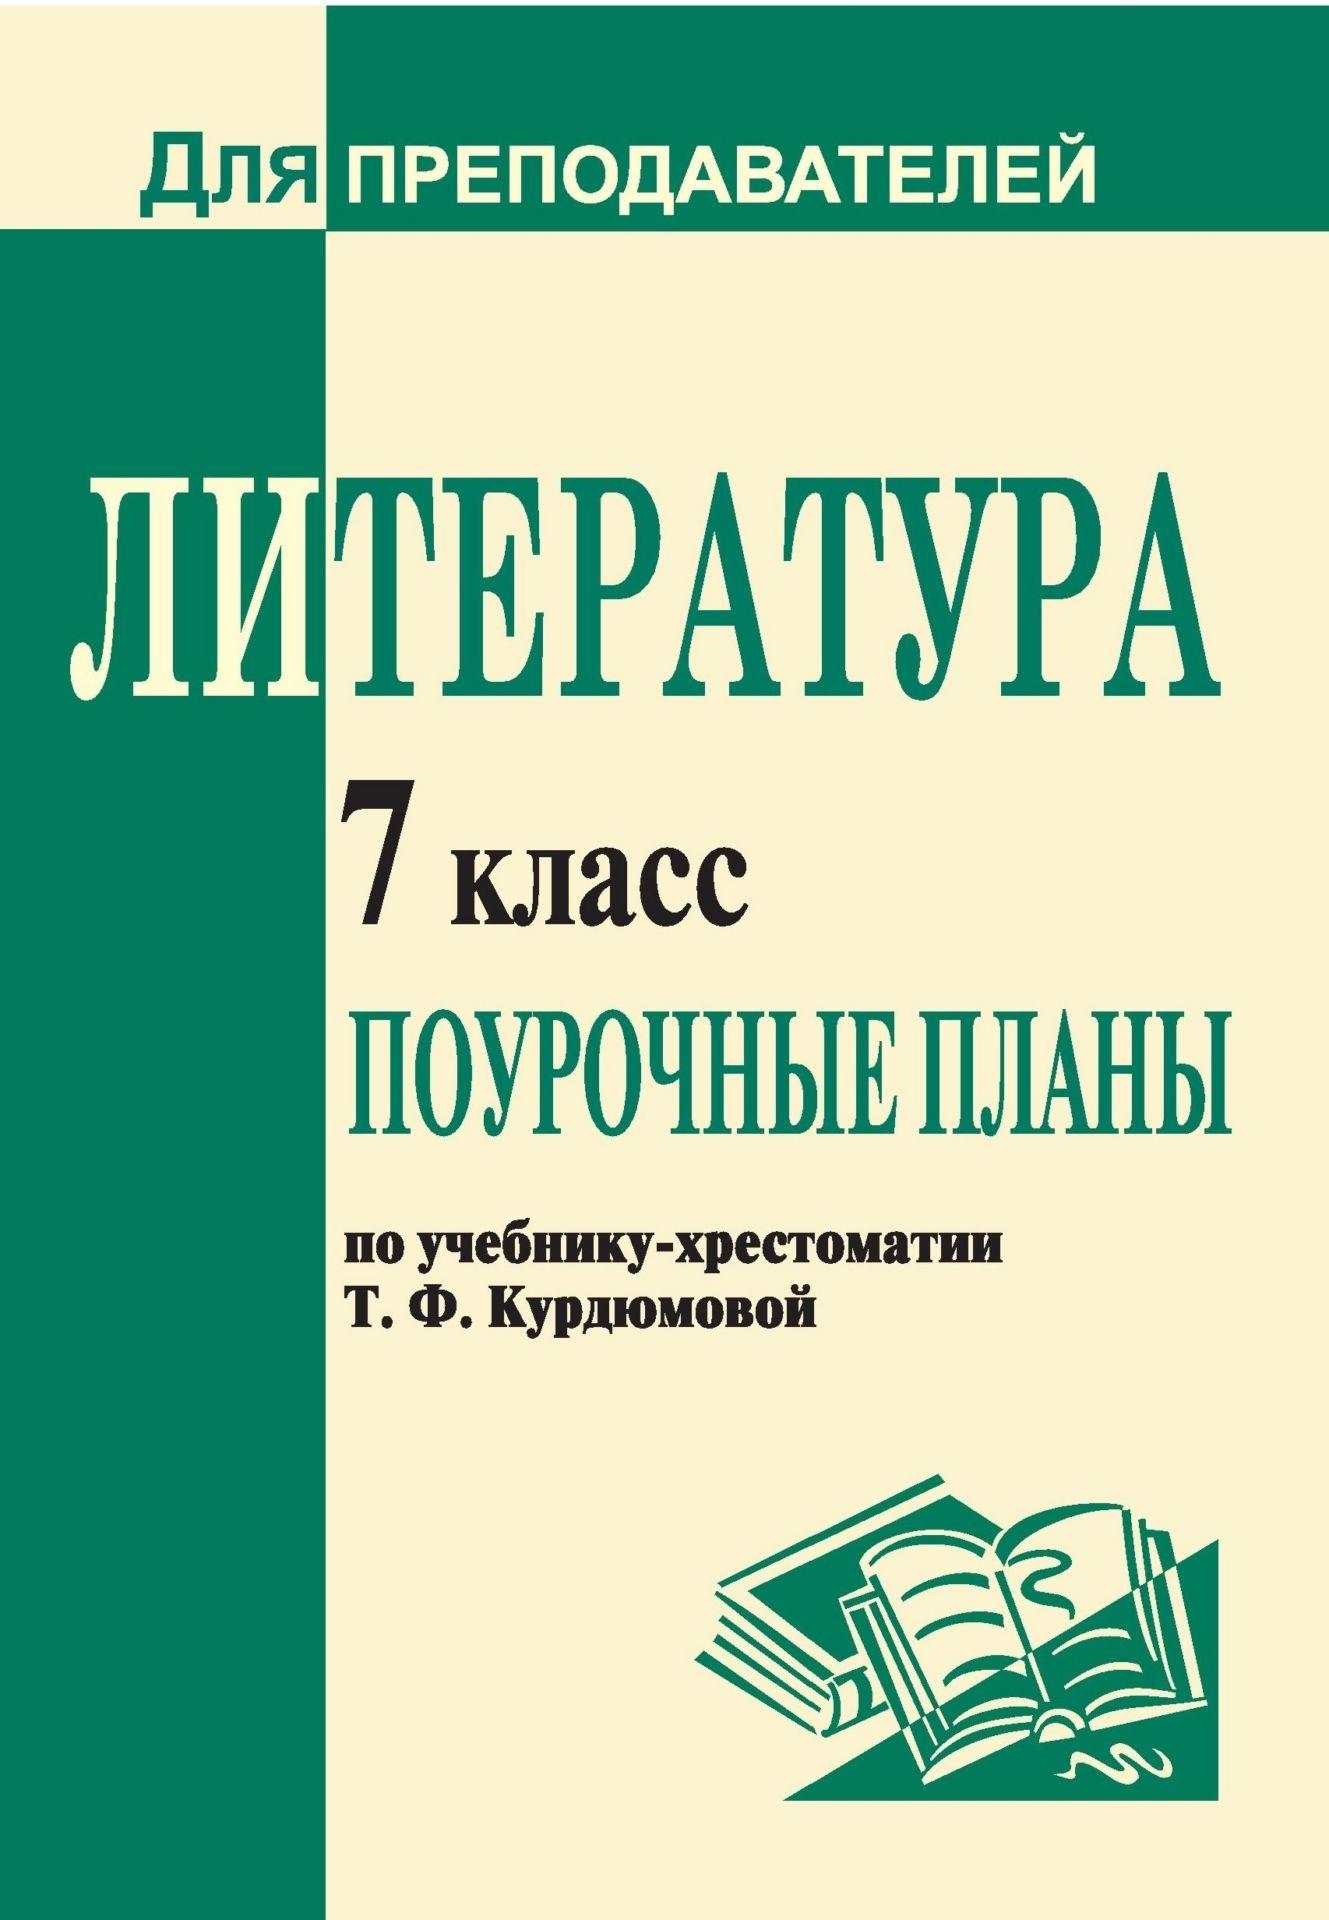 Литература. 7 класс: поурочные планы по учебнику-хрестоматии Т. Ф. Курдюмовой